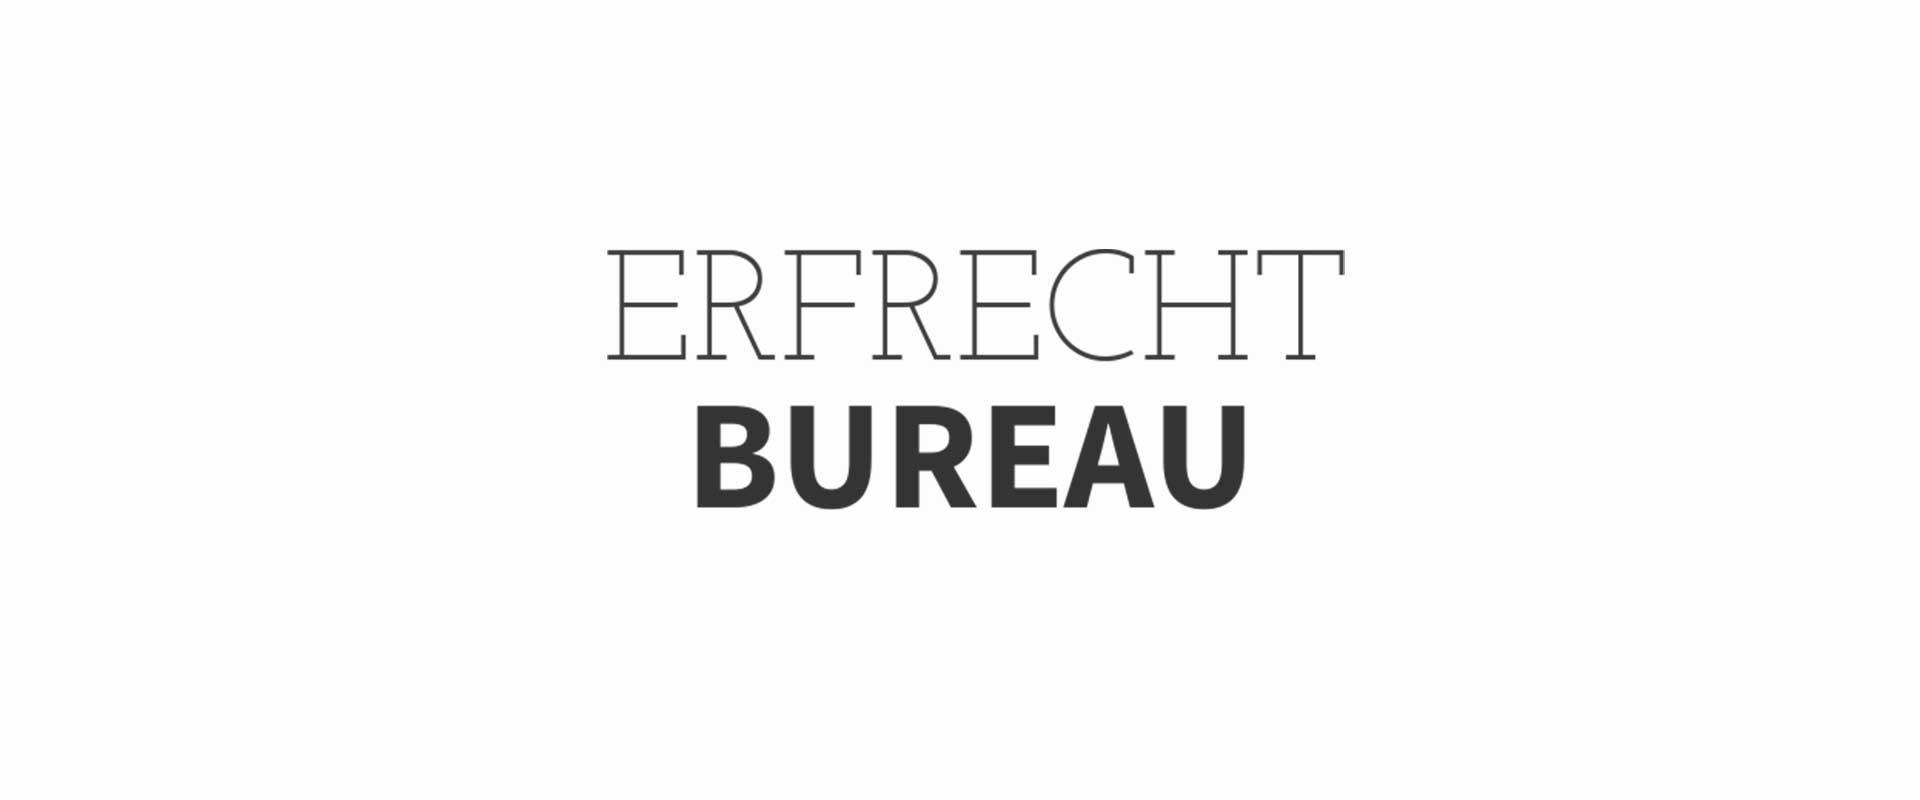 Erfrecht Bureau Starten met Francis vergroot je zichtbaarheid